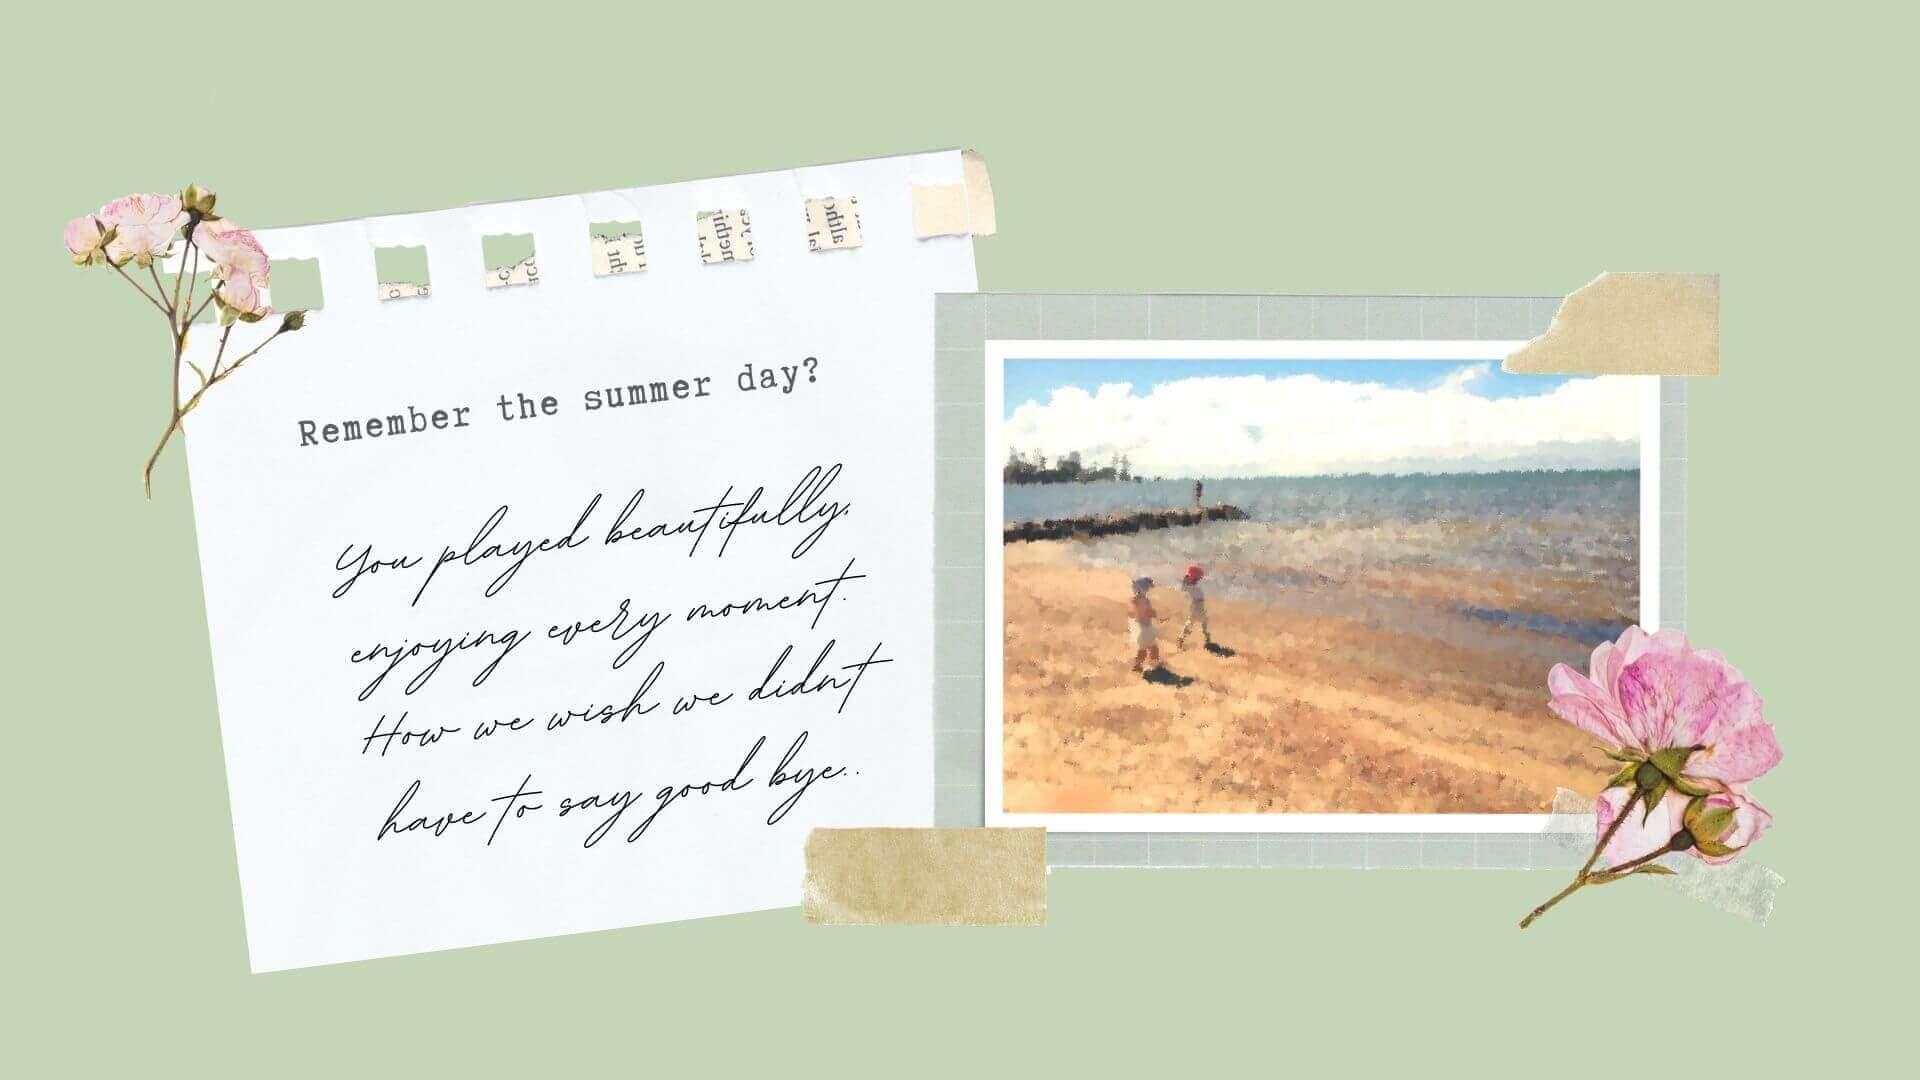 3歳育児日記⑥ プレイデートのゴタゴタ劇場